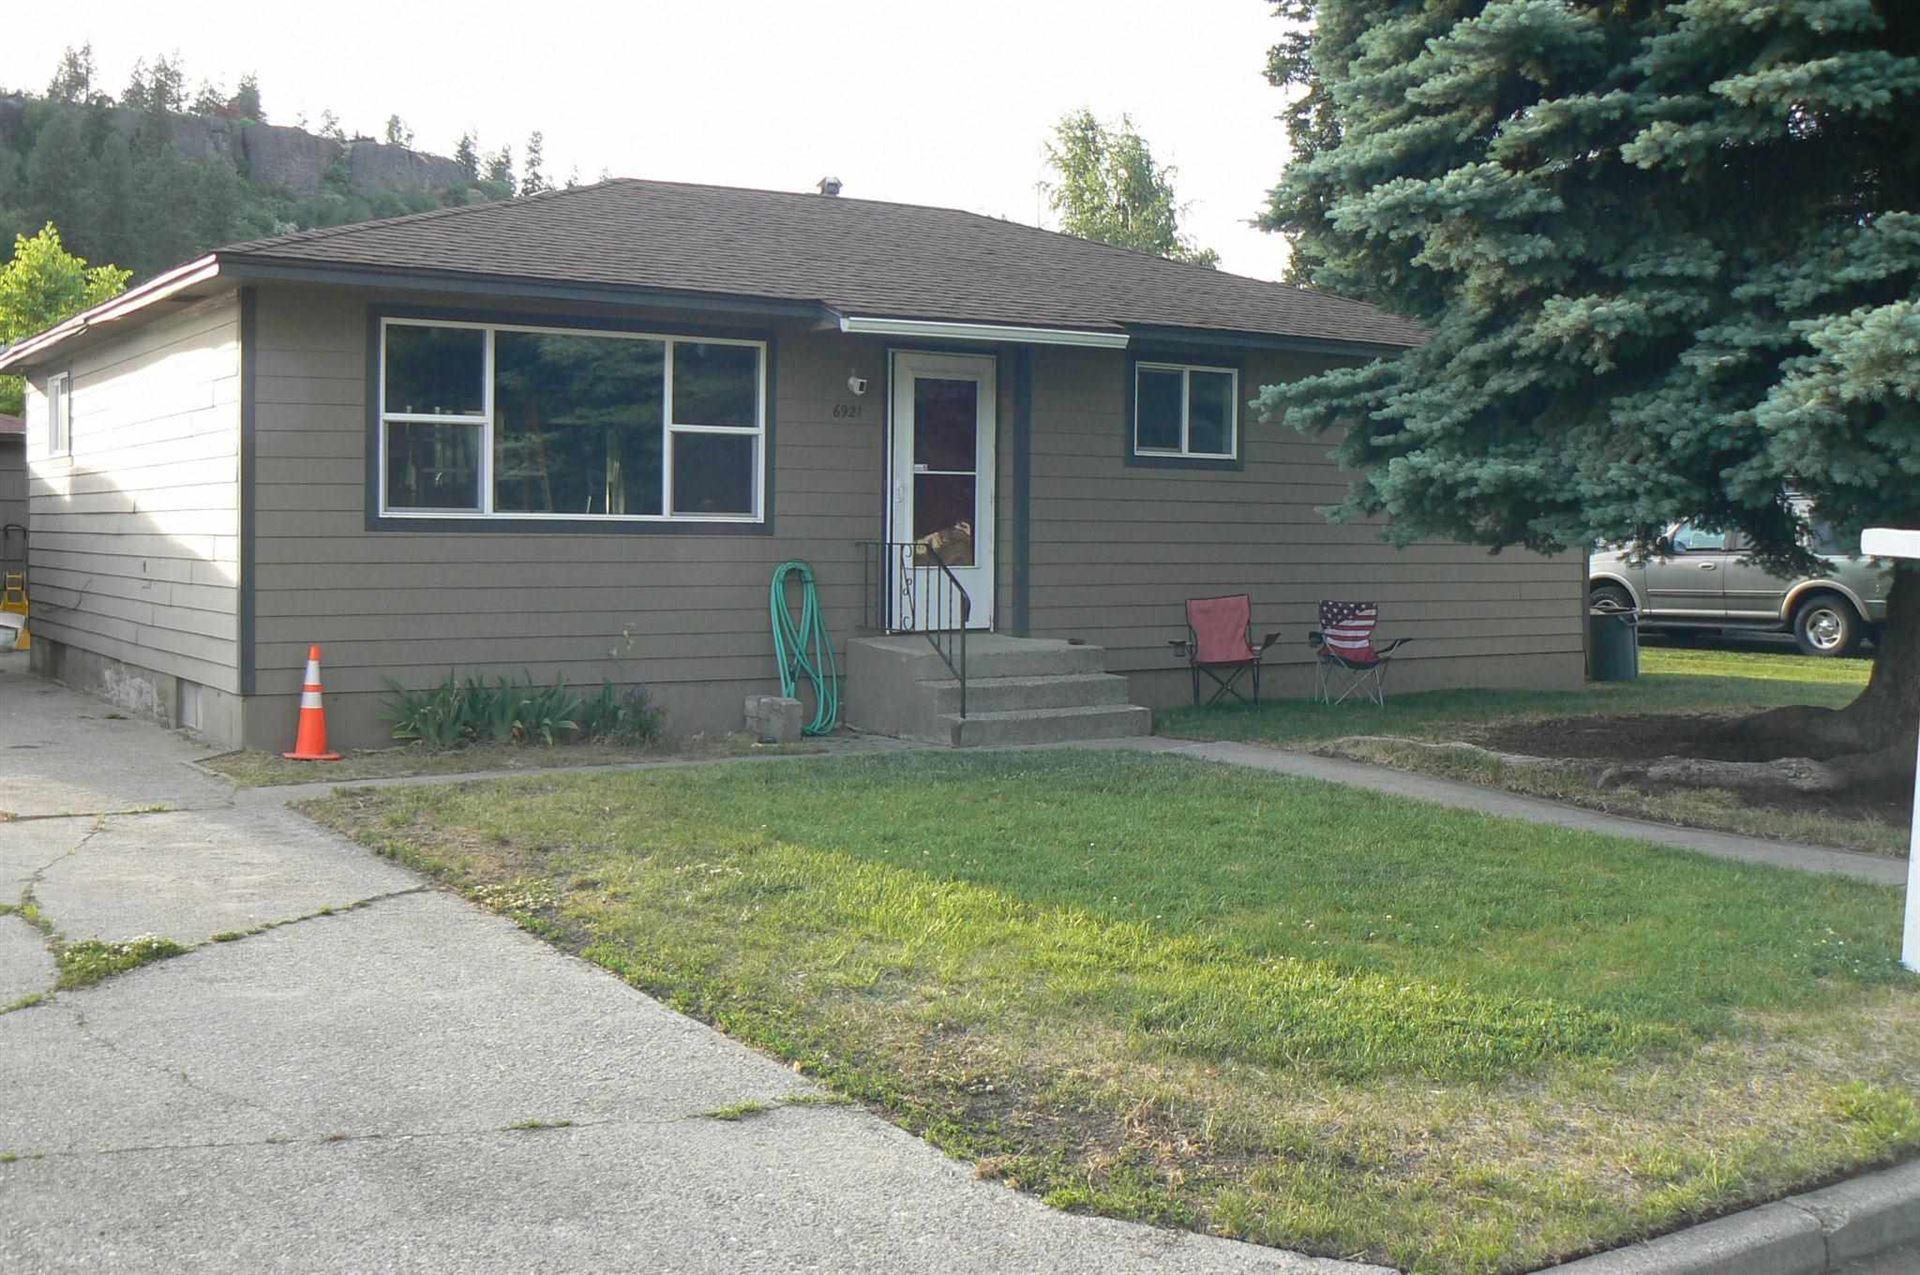 6921 N Jefferson St, Spokane, WA 99208 - #: 202117142